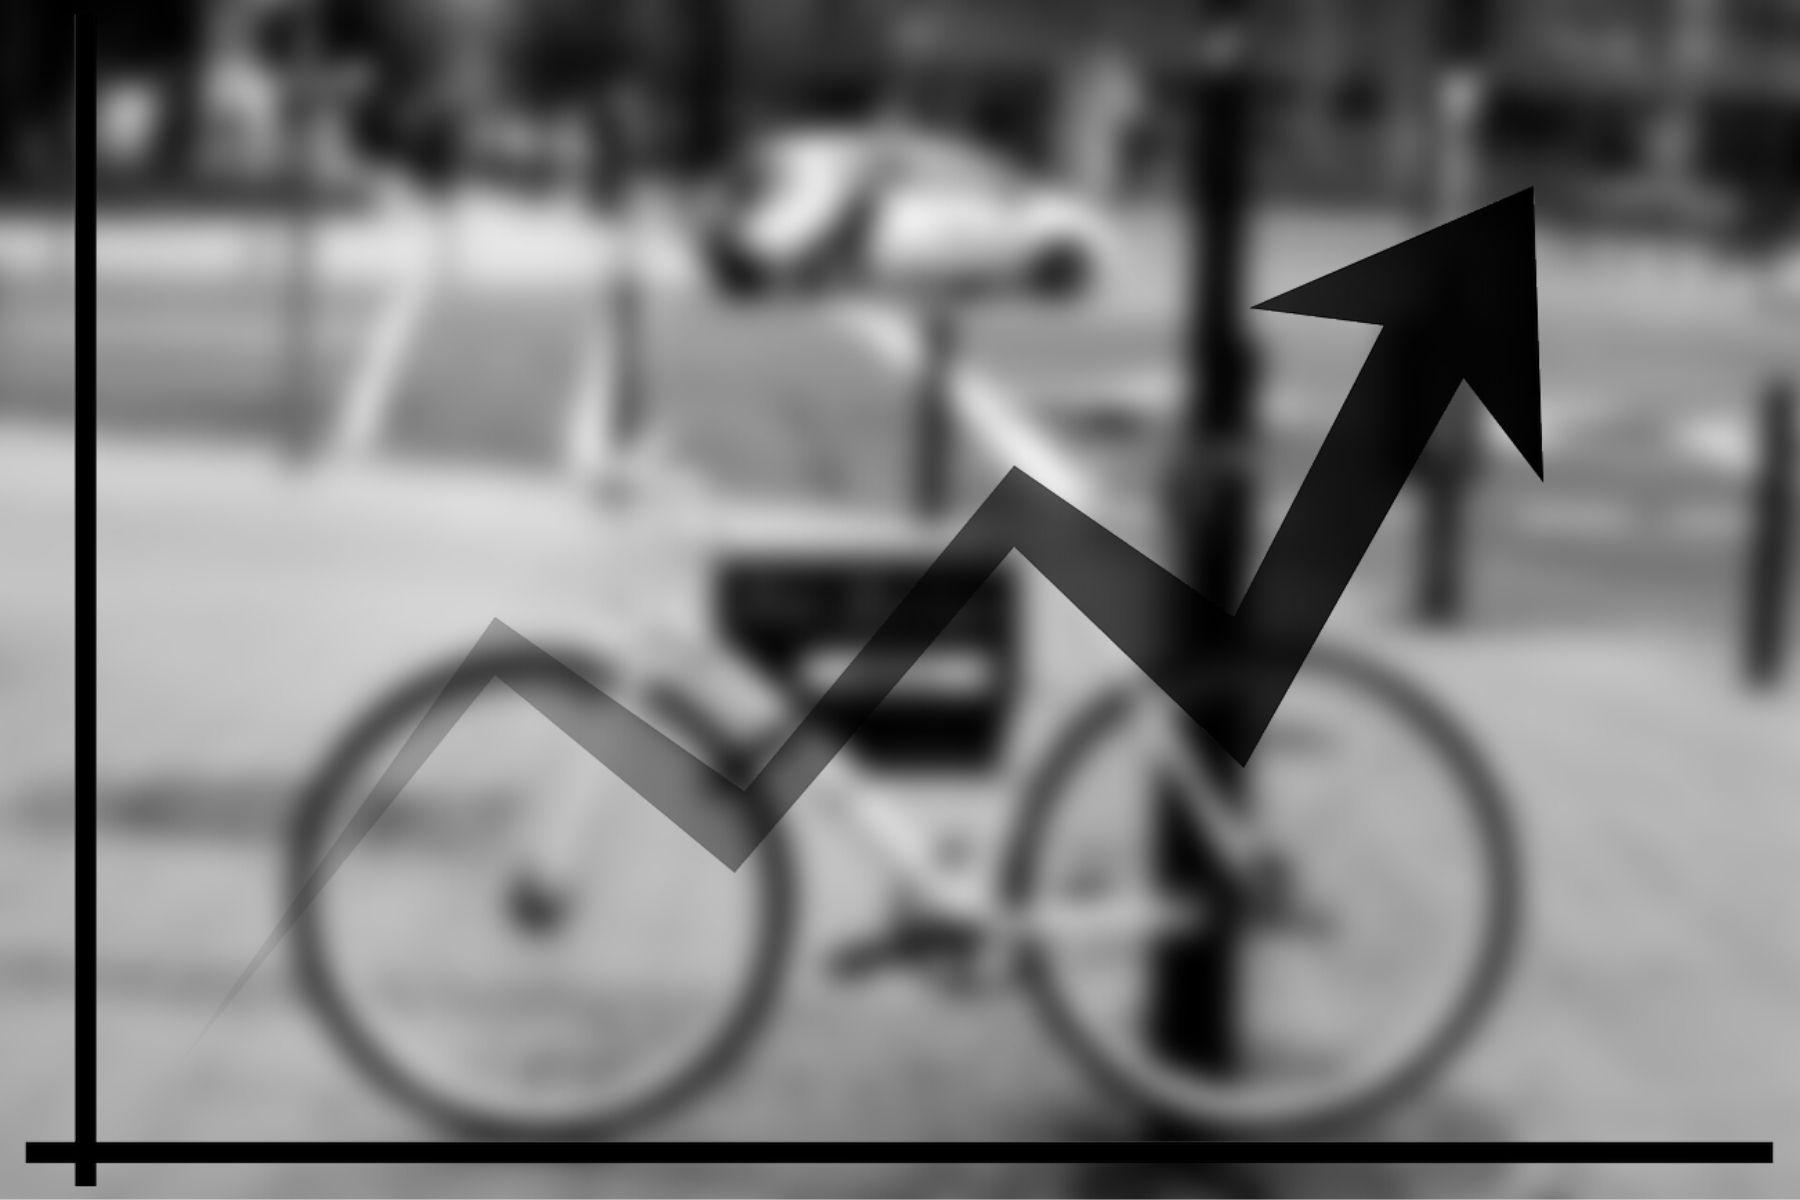 Weltfahrradtag am 3. Juni: Wie sich Corona auf den Radmarkt auswirkt